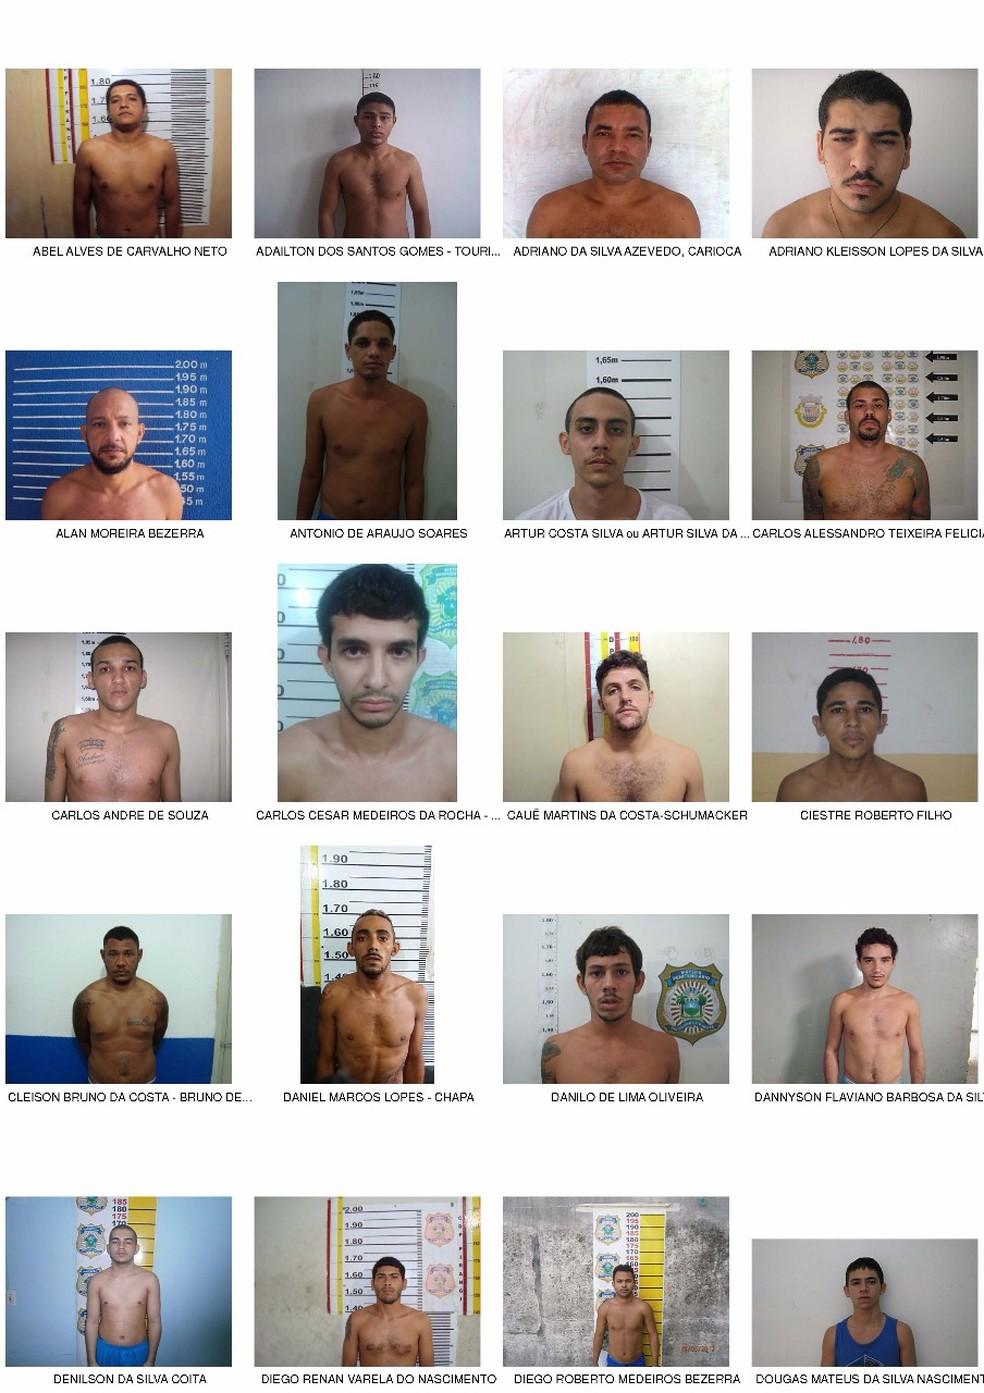 Imagem de fugitivos do PEP, no RN, é compartilhada em grupos de Facebook e Whatsapp em cidades do Sul e Sudeste. 'Estão na região' (Foto: Divulgação/ Sejuc)